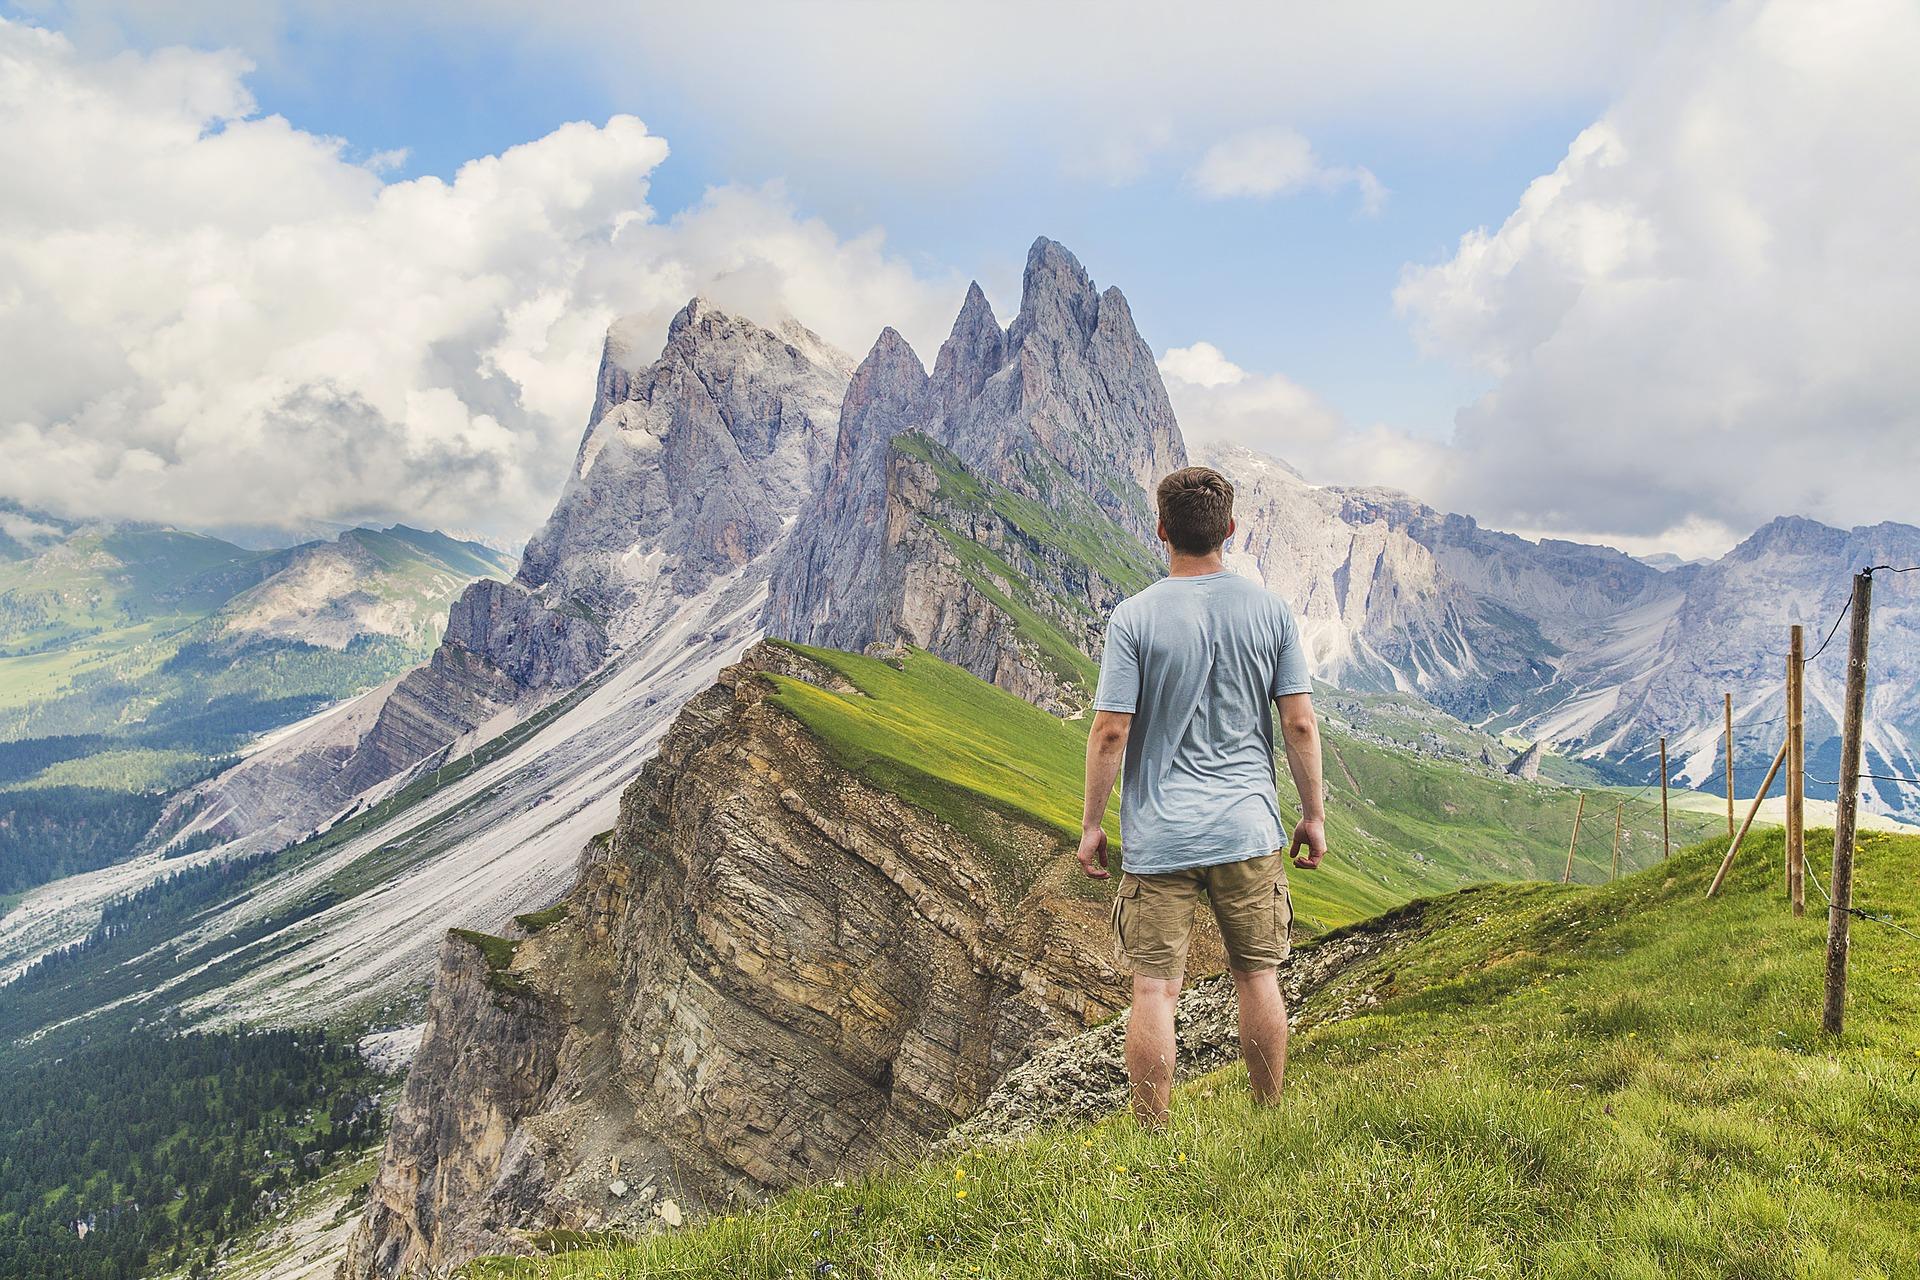 viaggio-avventura-montagna-alpinismo